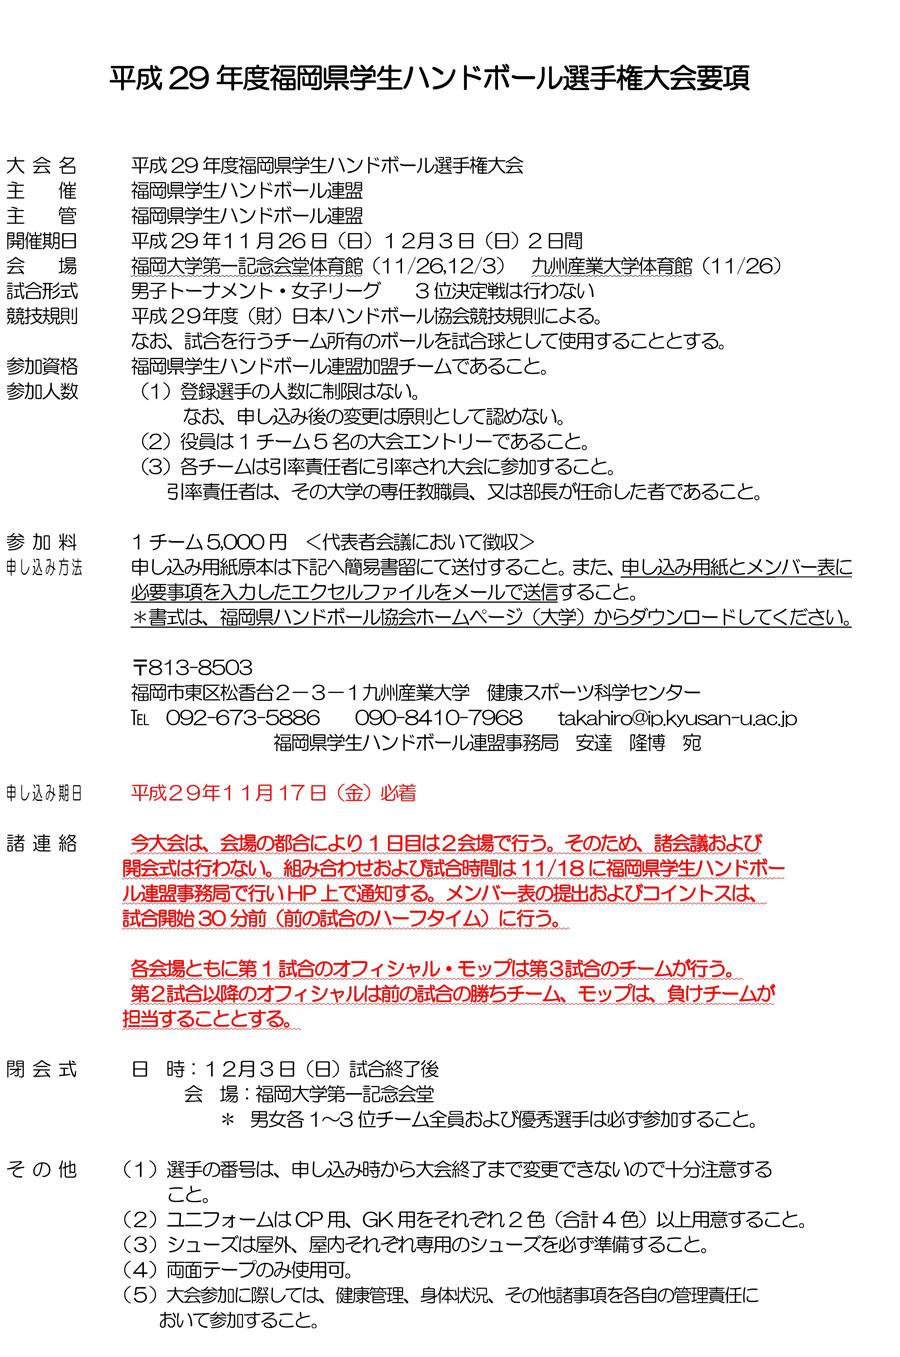 2017dai_kensen_youkou